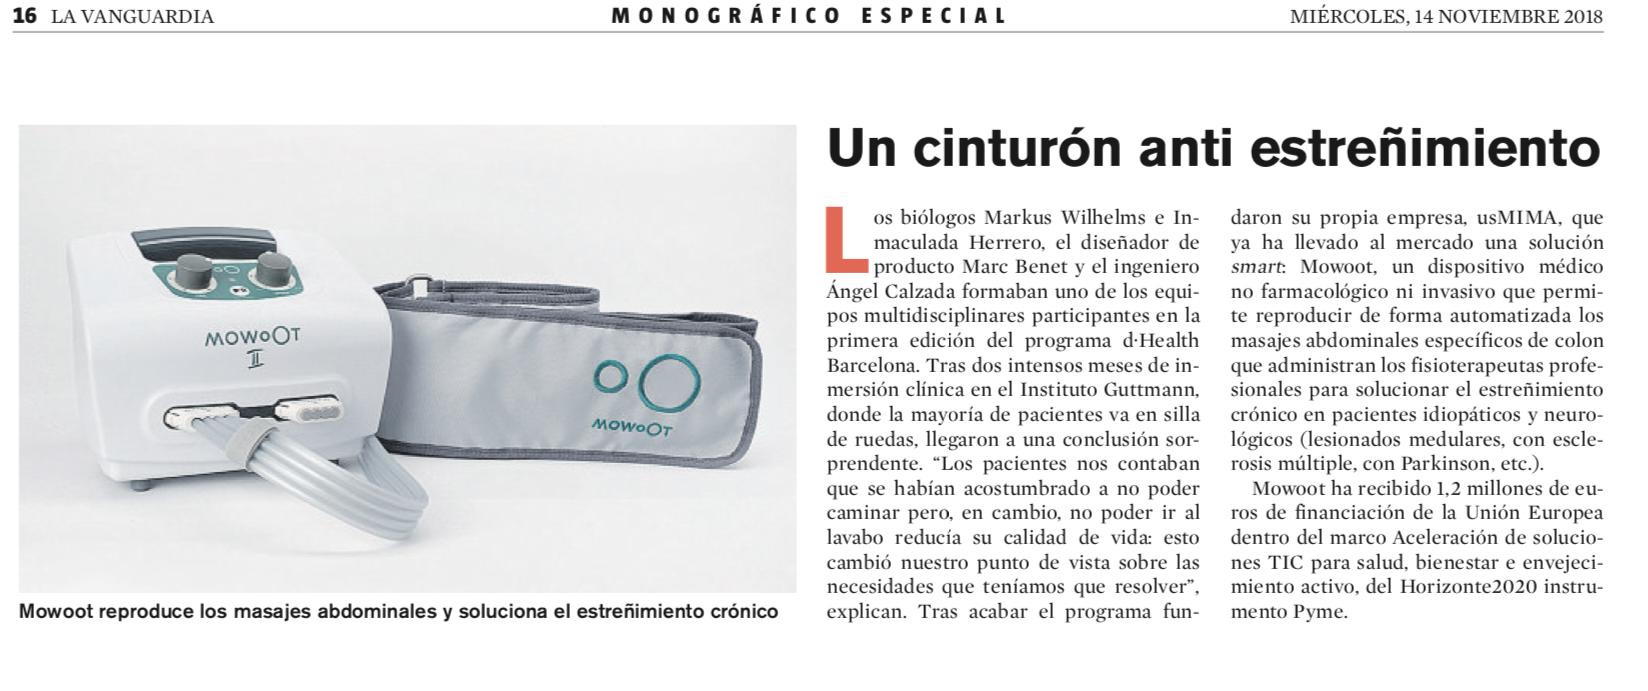 MOWOOT, un cinturón anti estreñimiento en La Vanguardia